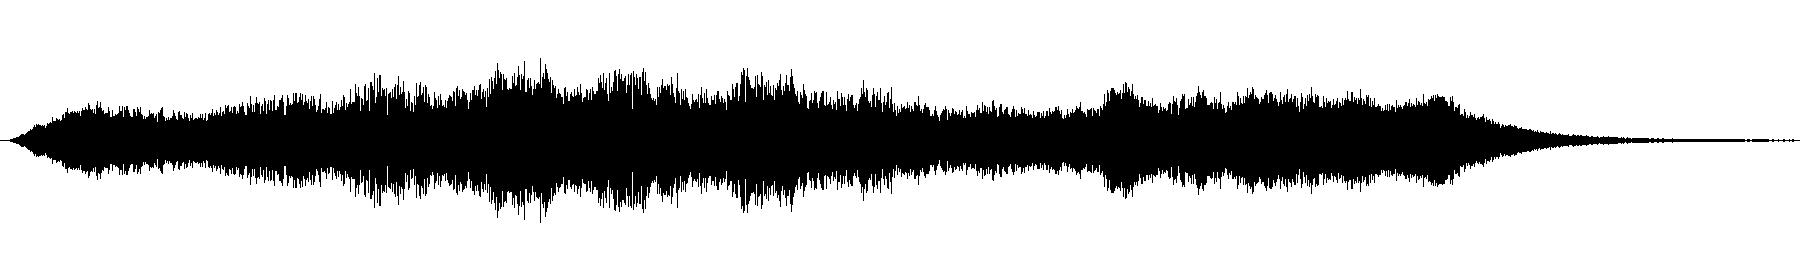 04 music d